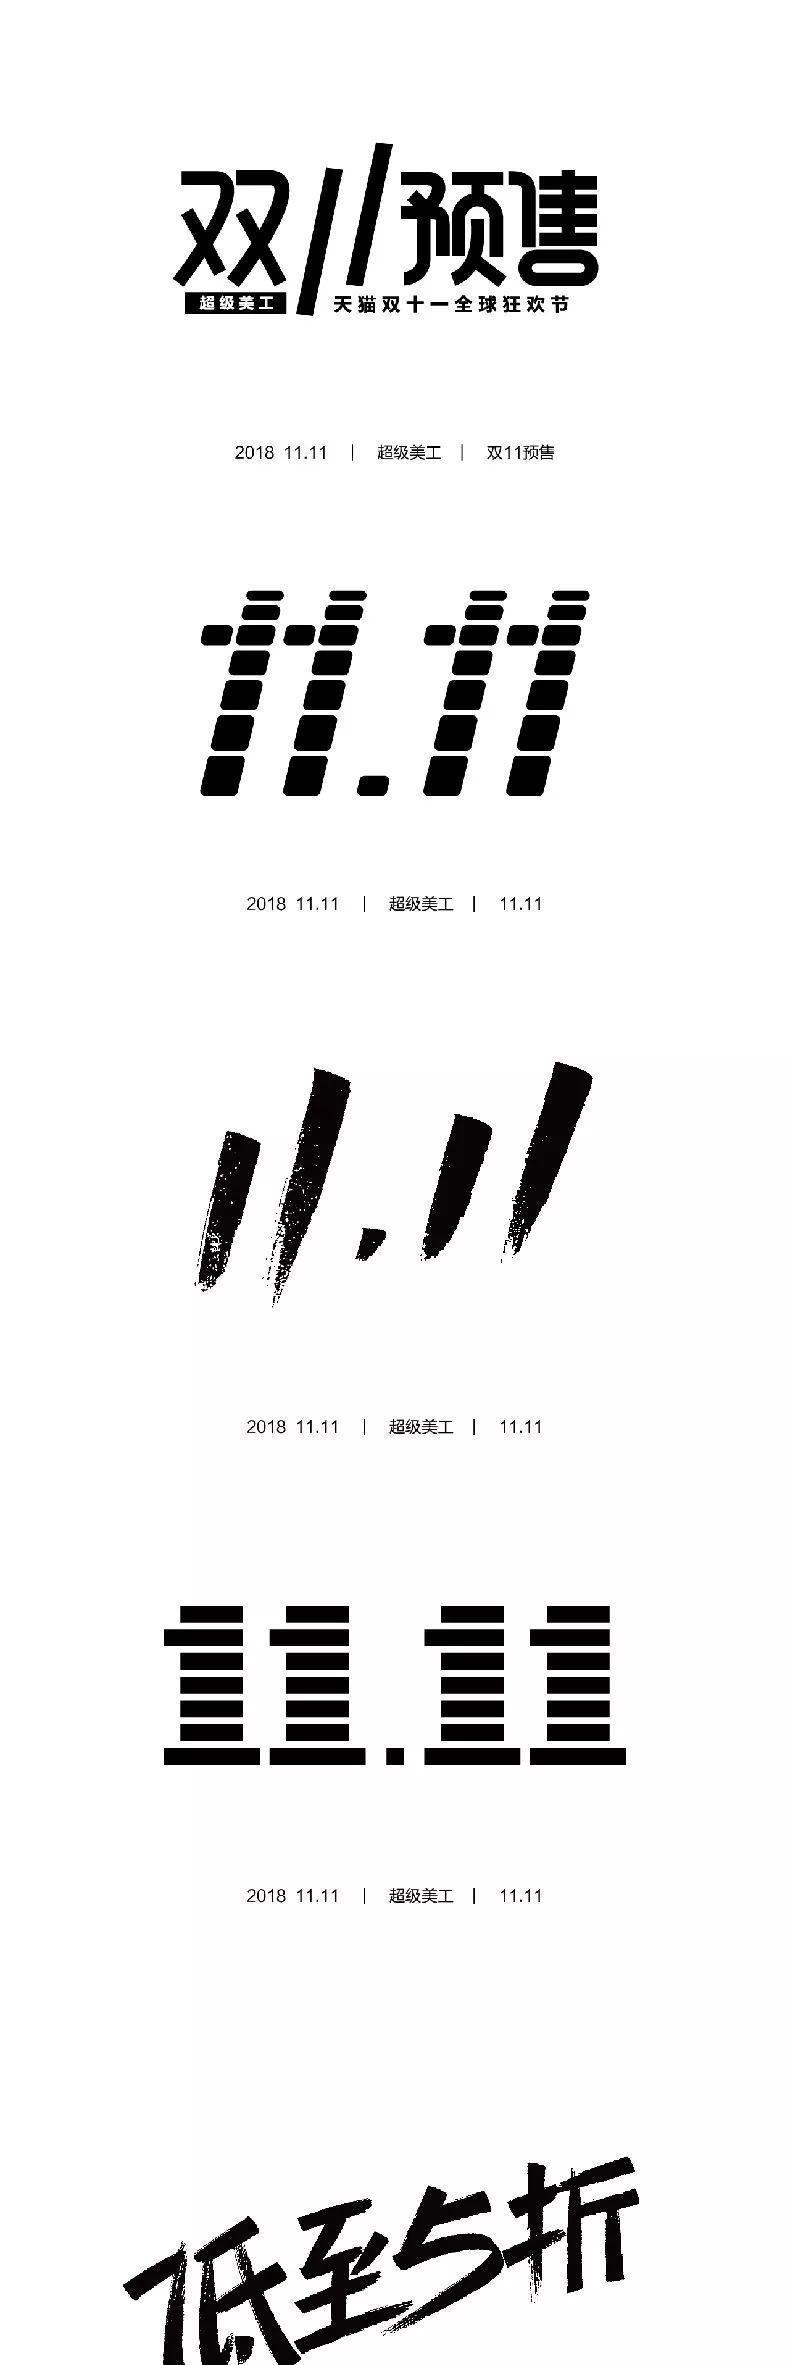 双11字体